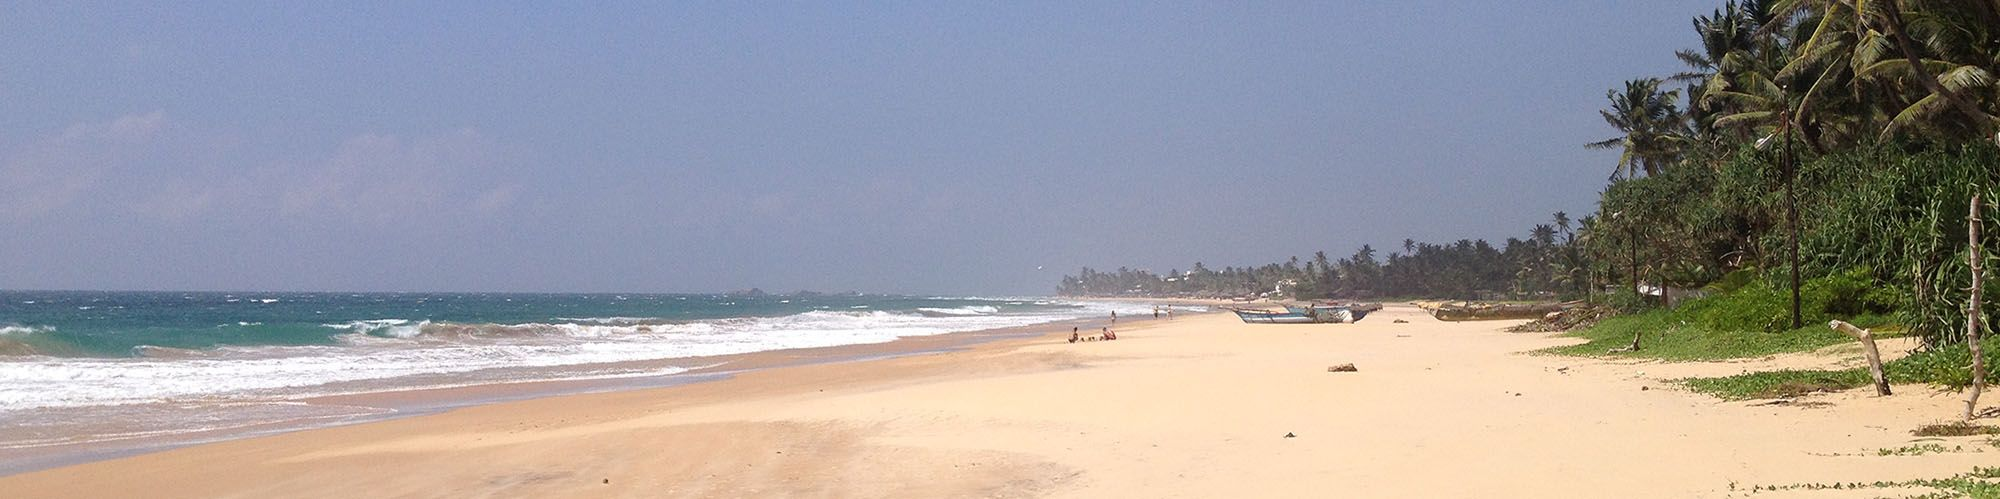 Sri Lanka, Beach, White sand